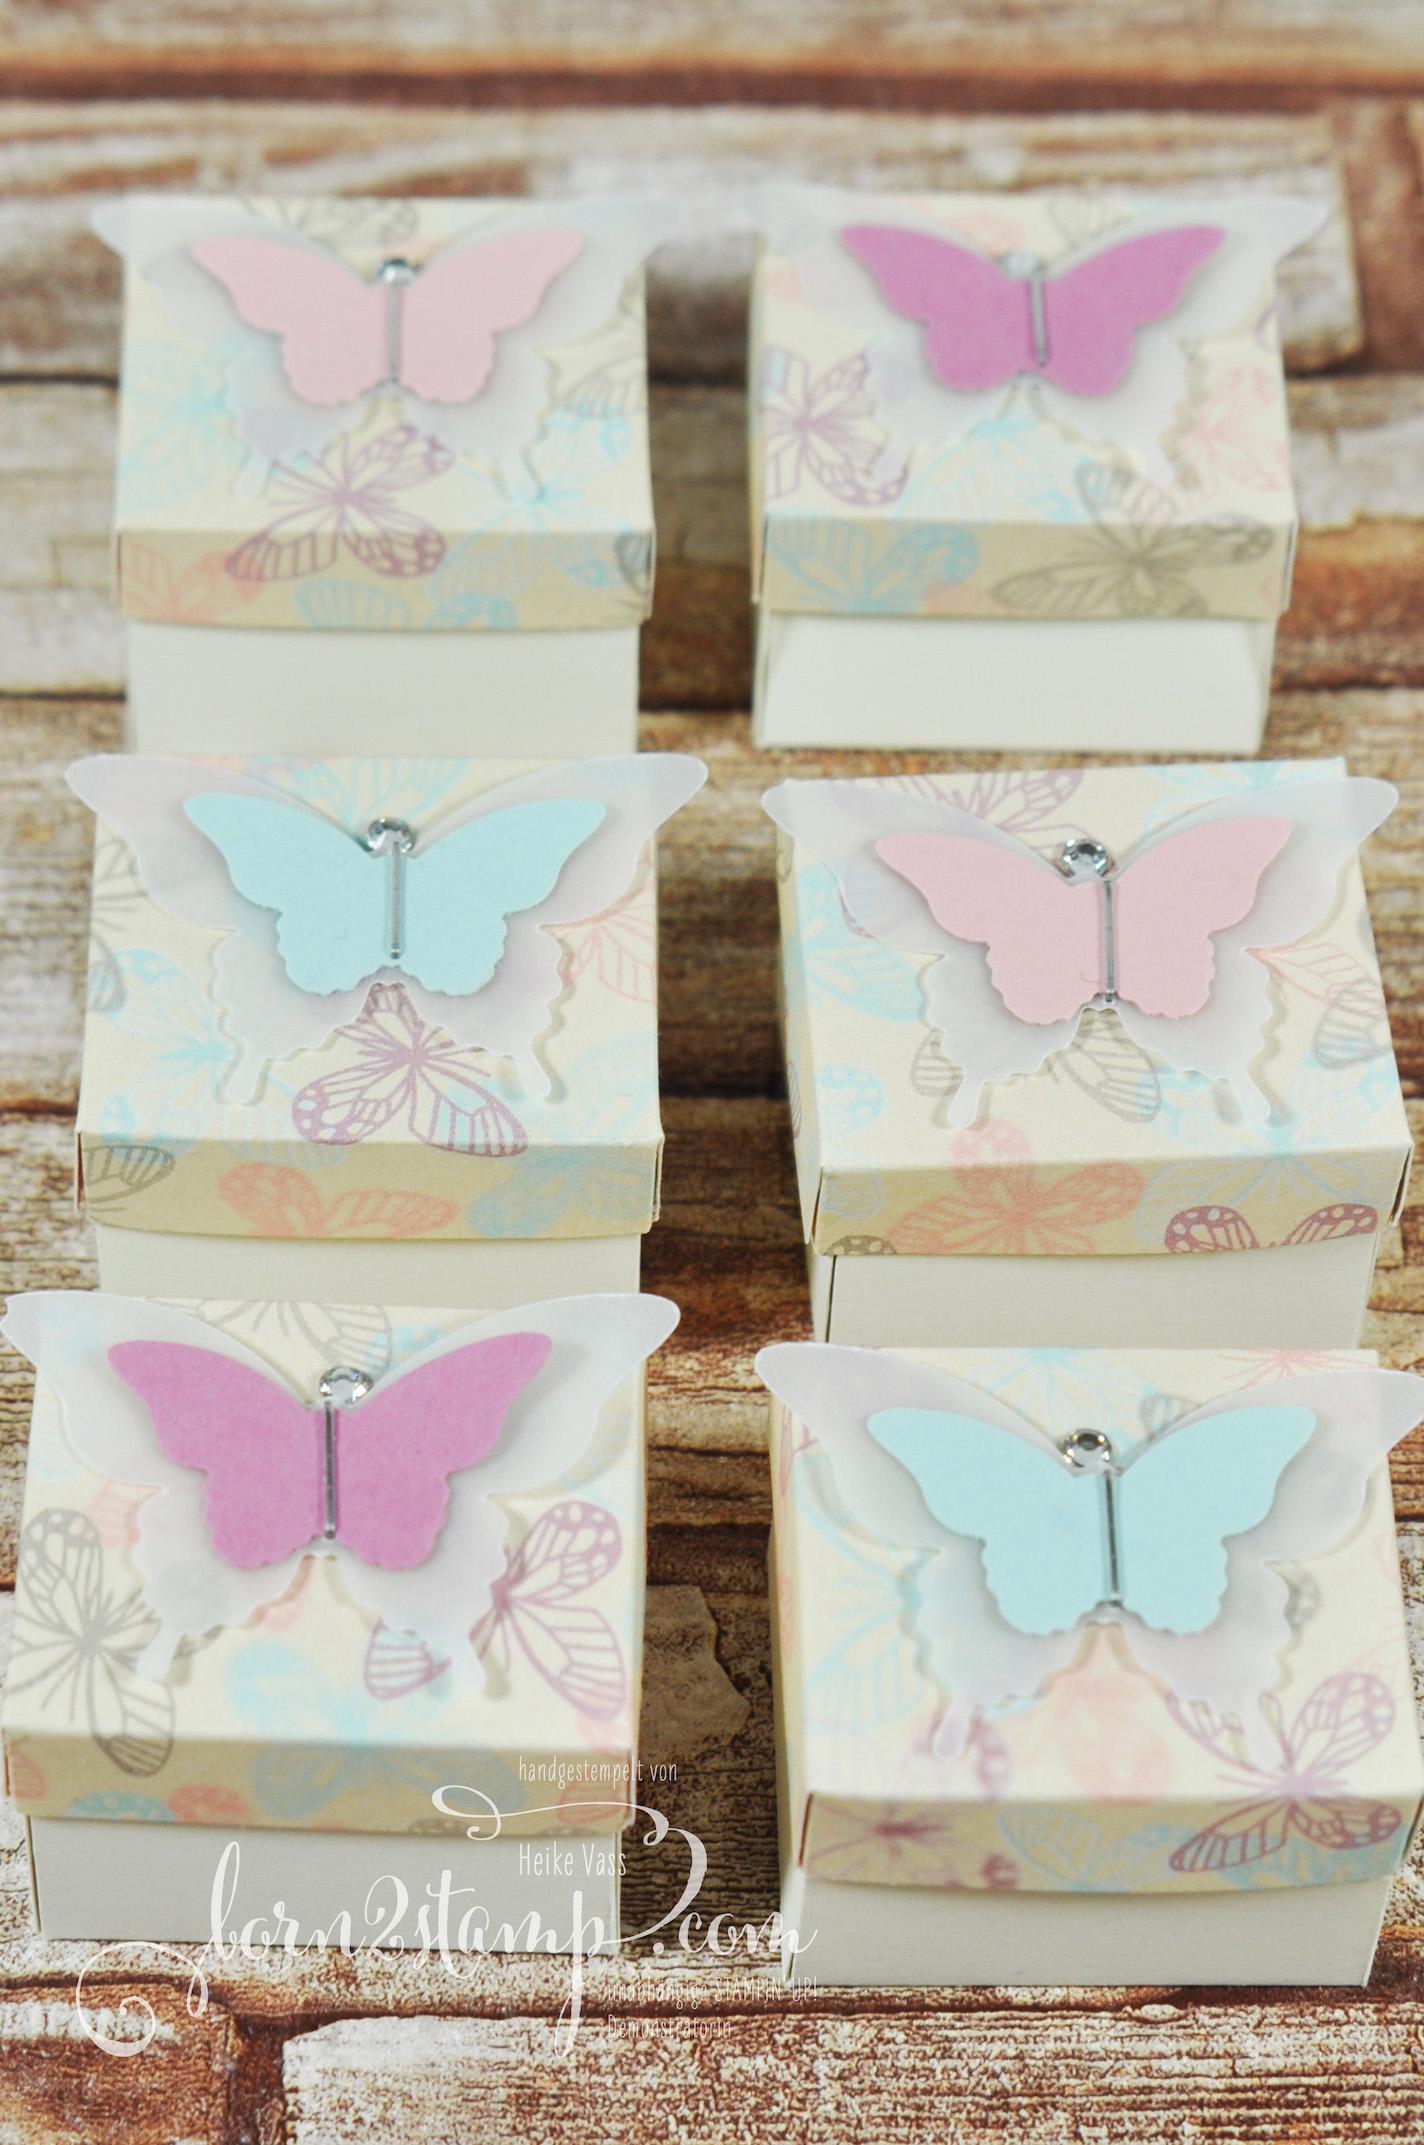 born2stamp STAMPIN' UP! Goodies – DSP Zum Verlieben – Stanze Eleganter Schmetterling – Stanze Mini-Schmetterling